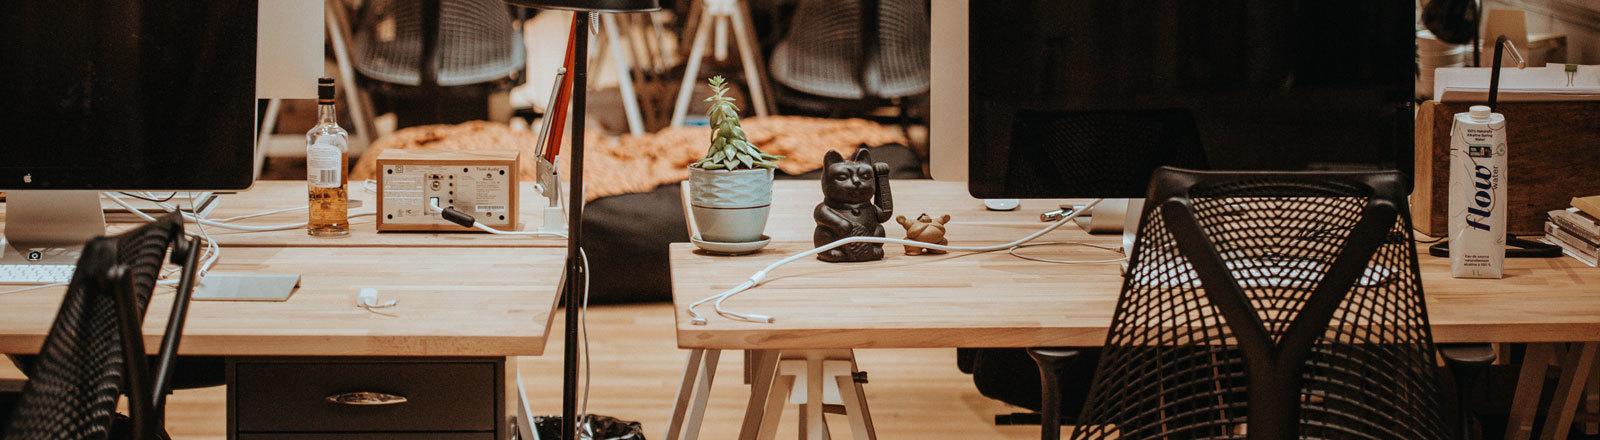 Schreibtische aus Holz mit Stühlen davor und Bildschirmen darauf.